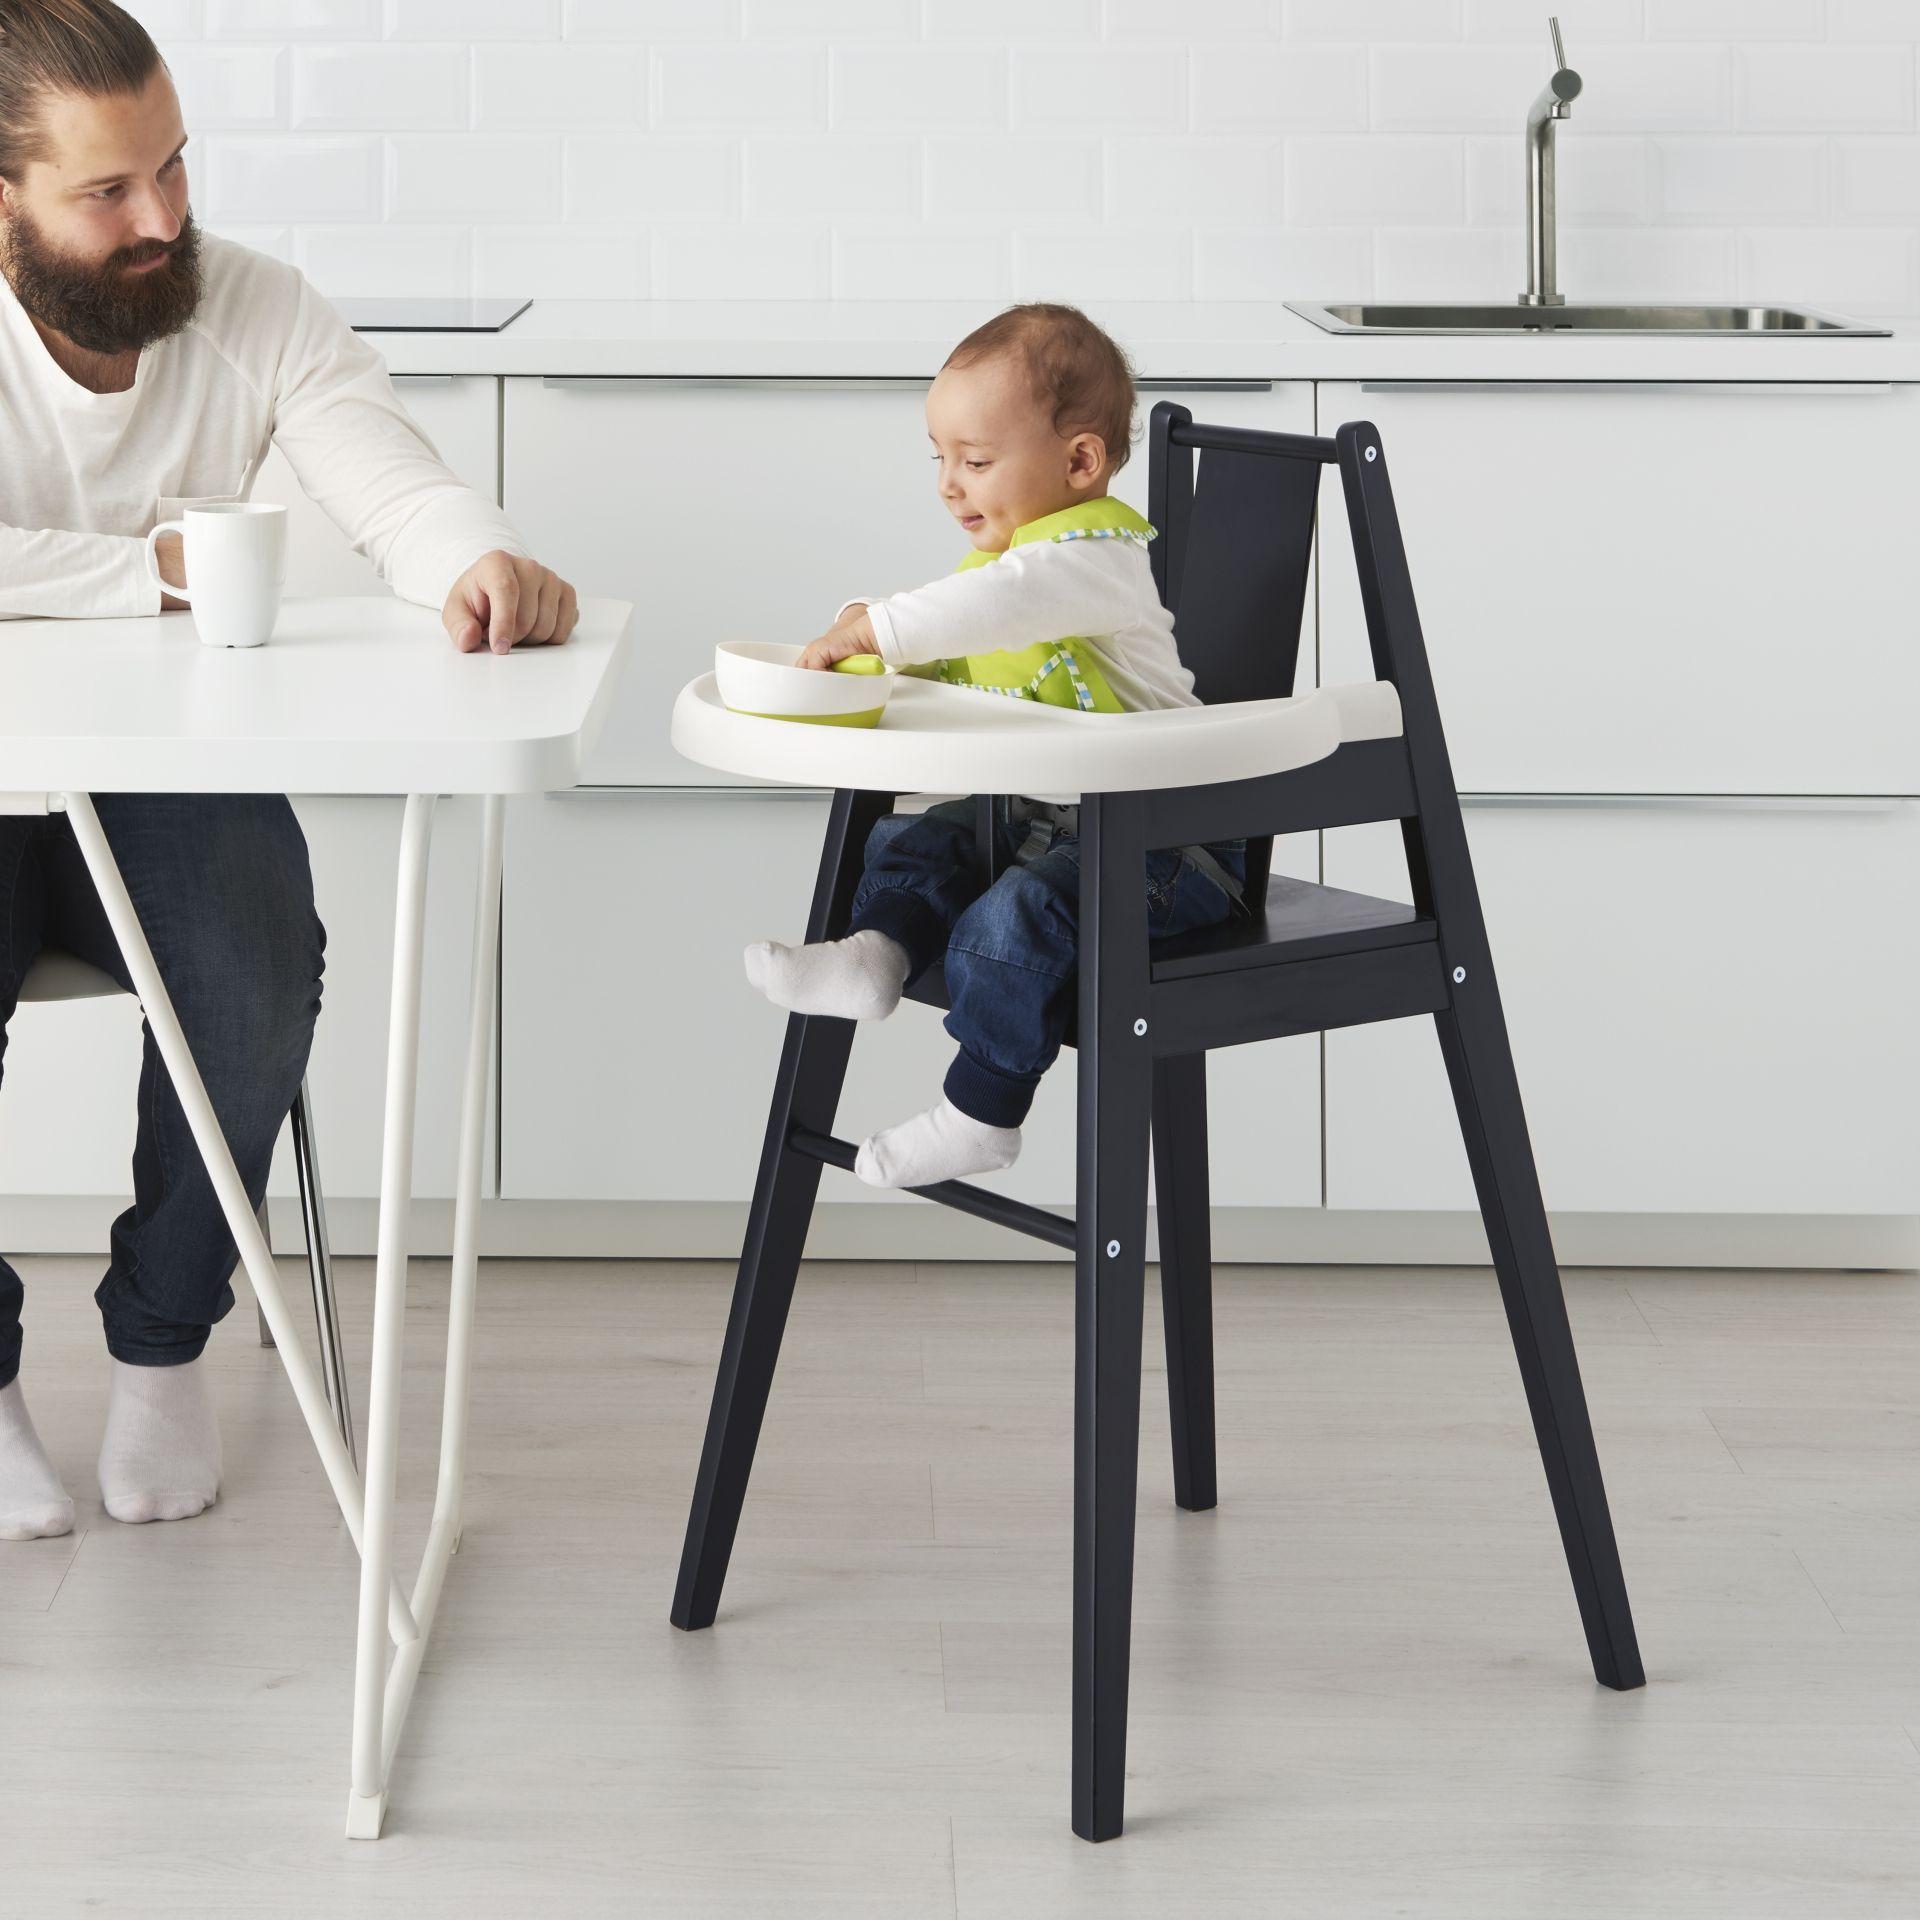 Hoge Stoel Voor Kind.Blames Hoge Kinderstoel Met Blad Zwart Savannah Designdroom